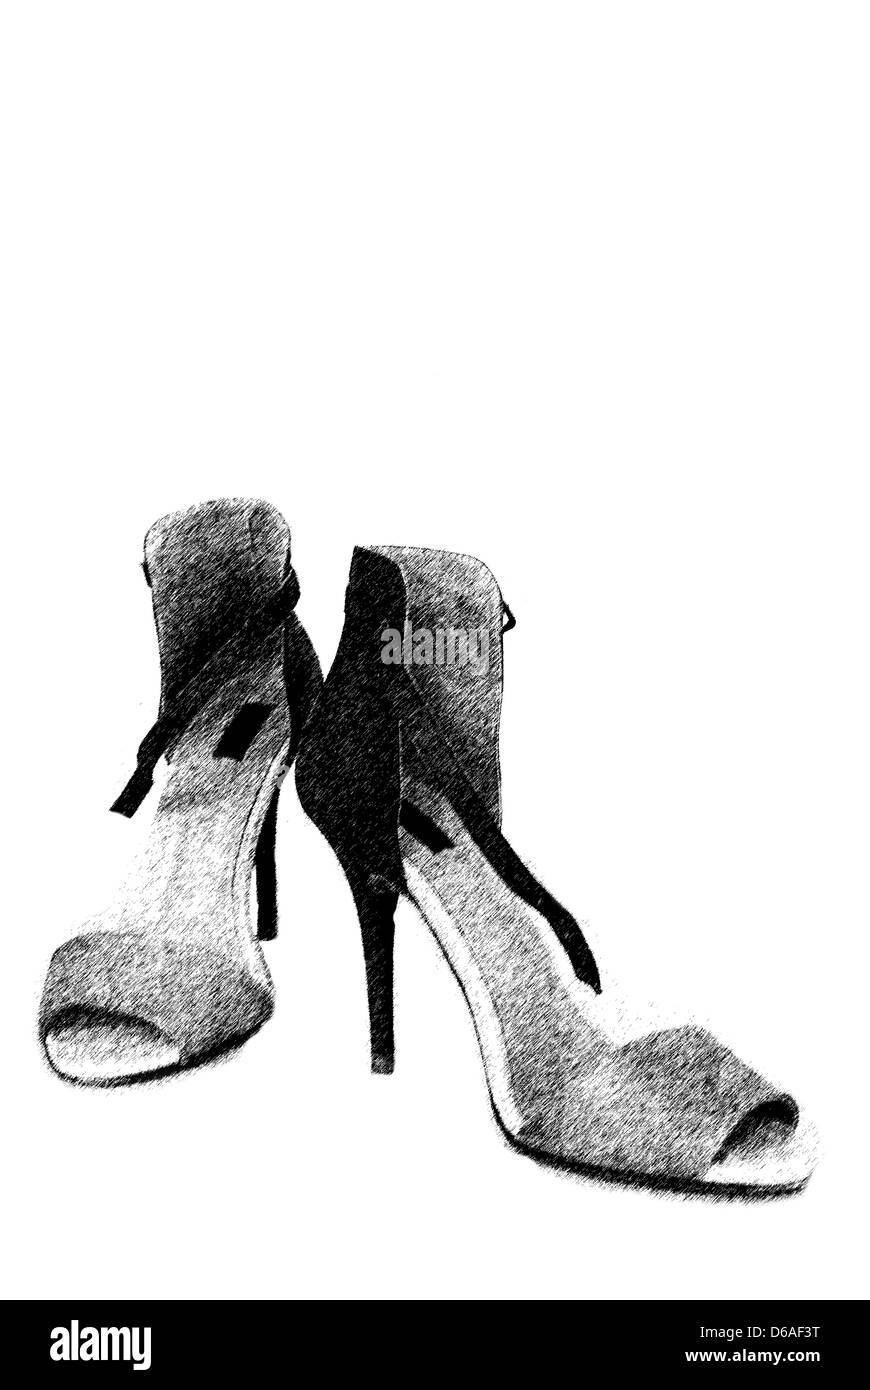 fashion shoes illustration - Stock Image